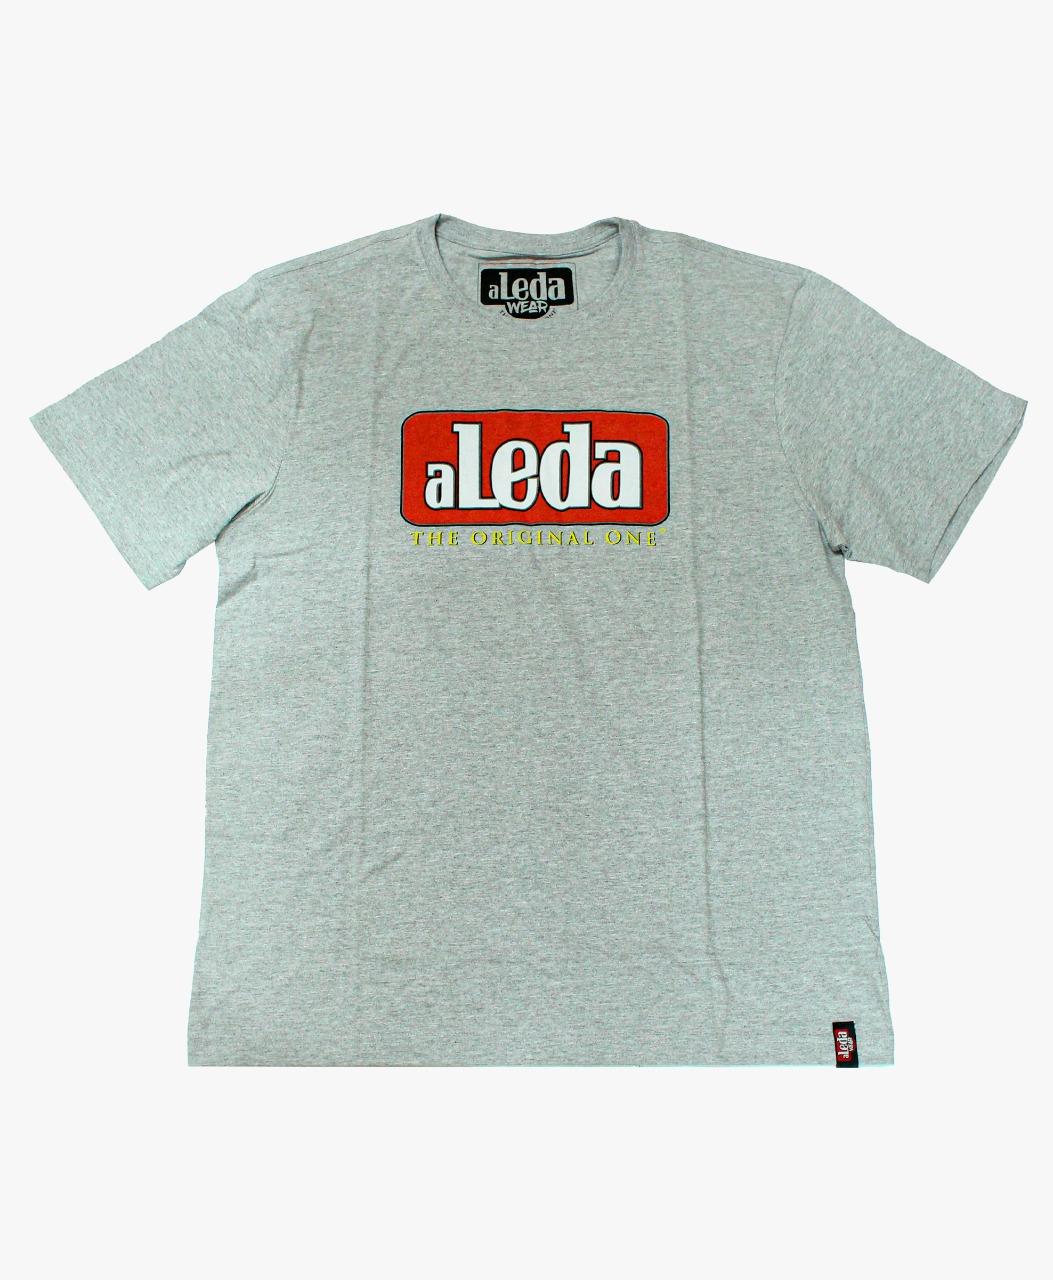 Camiseta Aleda The Original One - Cinza Tamanho G